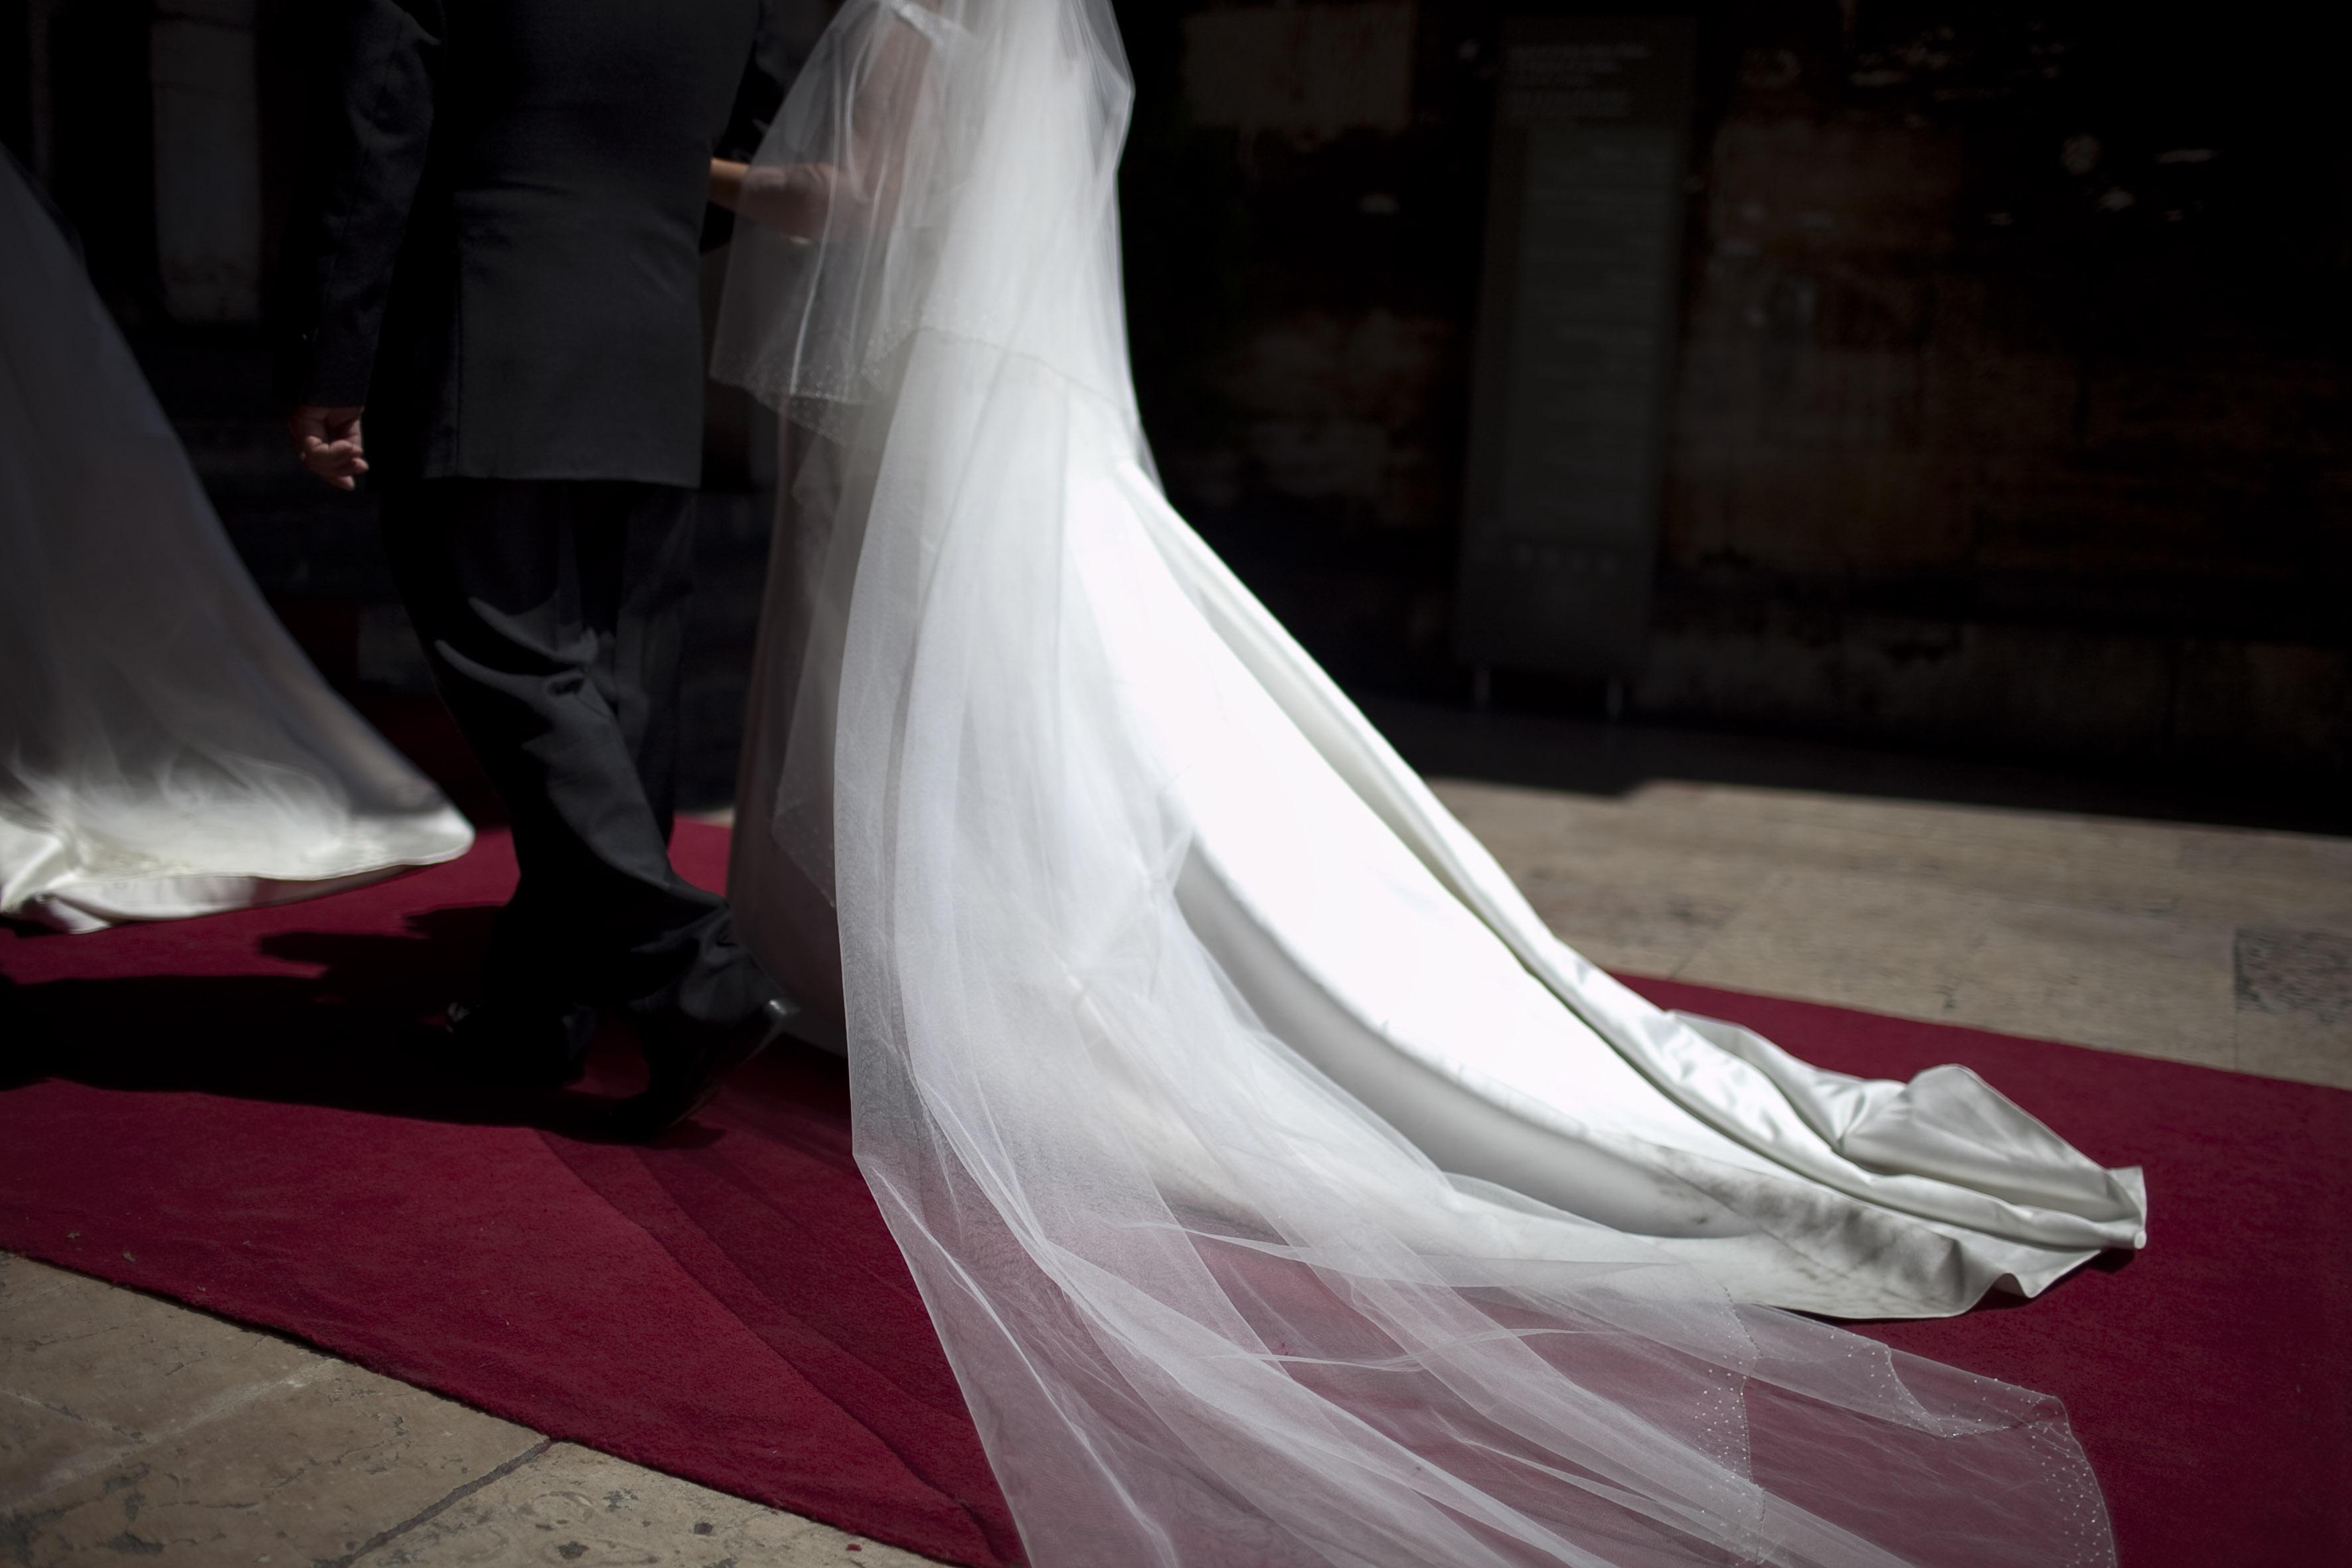 Estudo aconselha casais a convidarem o máximo de pessoas e a apostarem na lua-de-mel